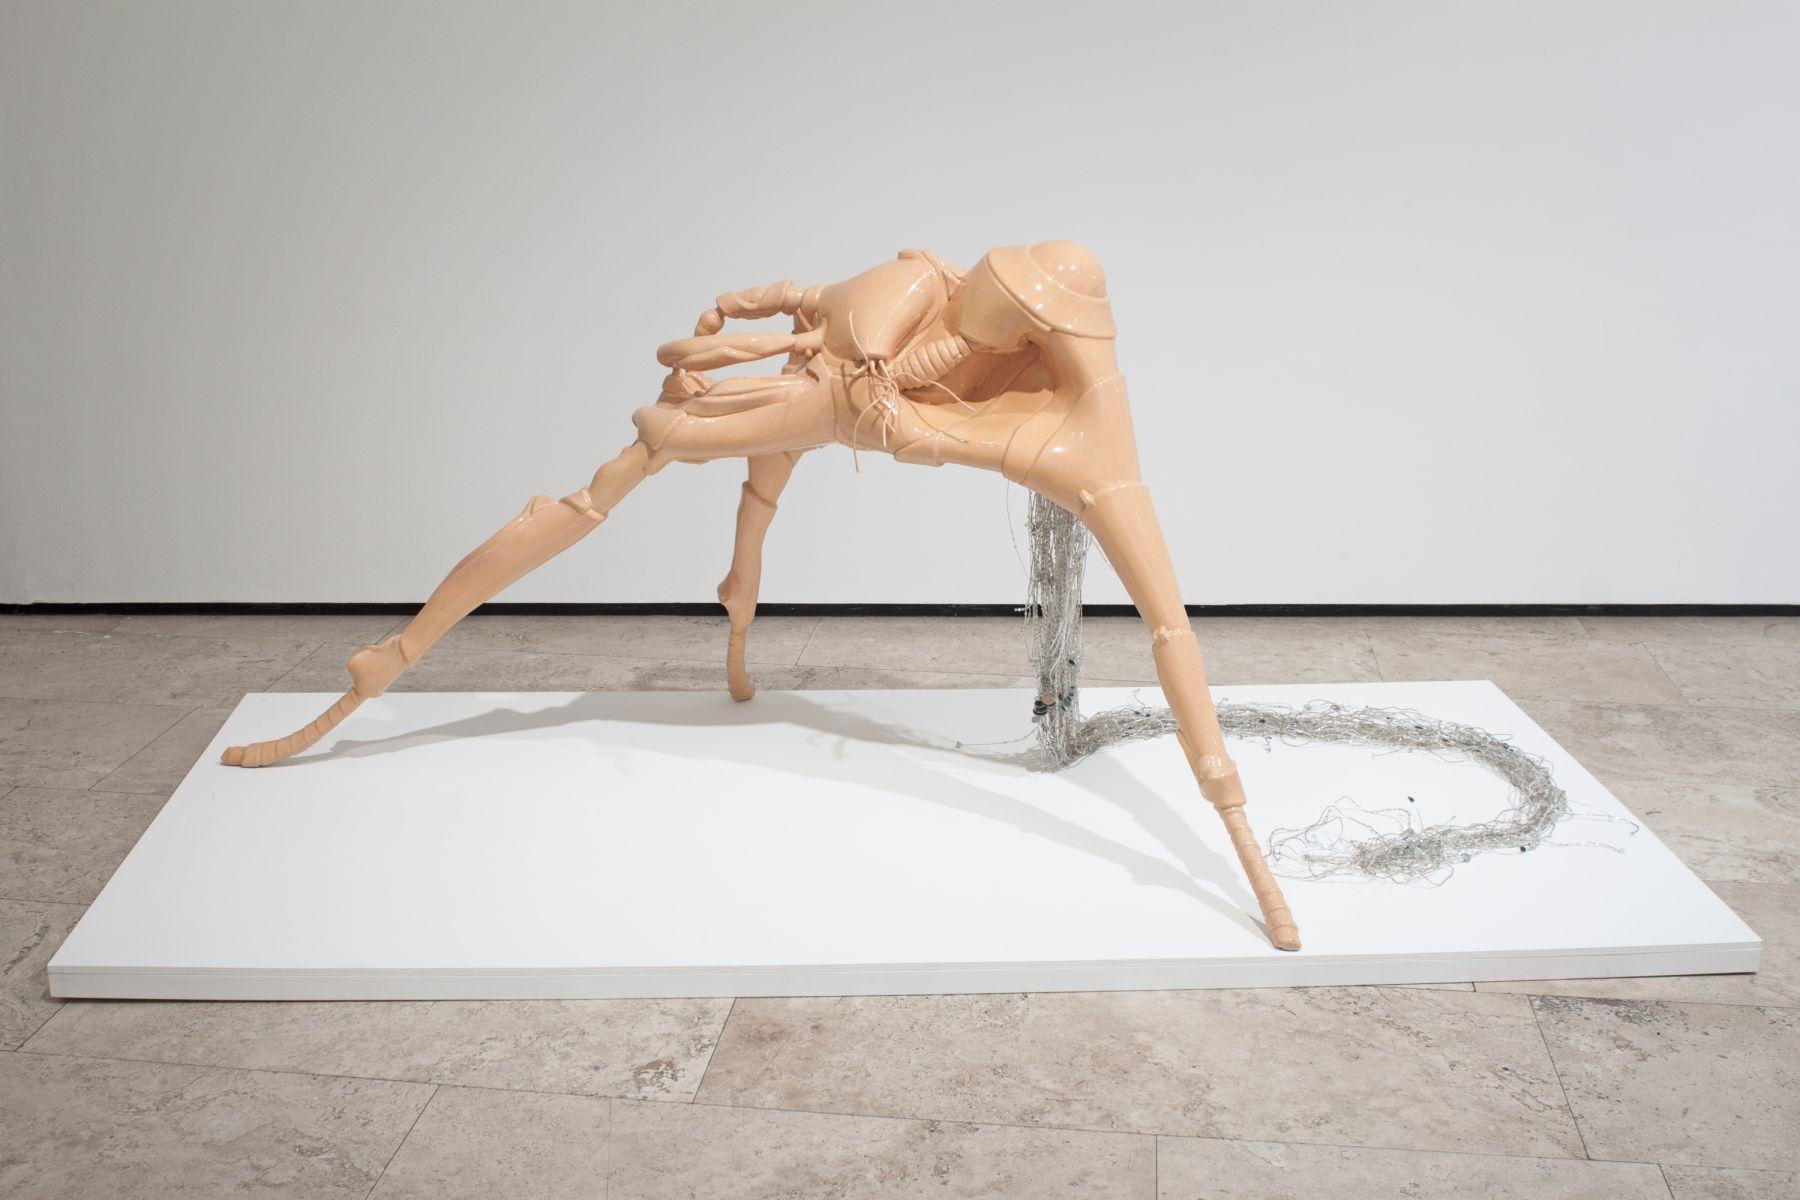 LEE BUL Ein Hungerkünstler, 2004